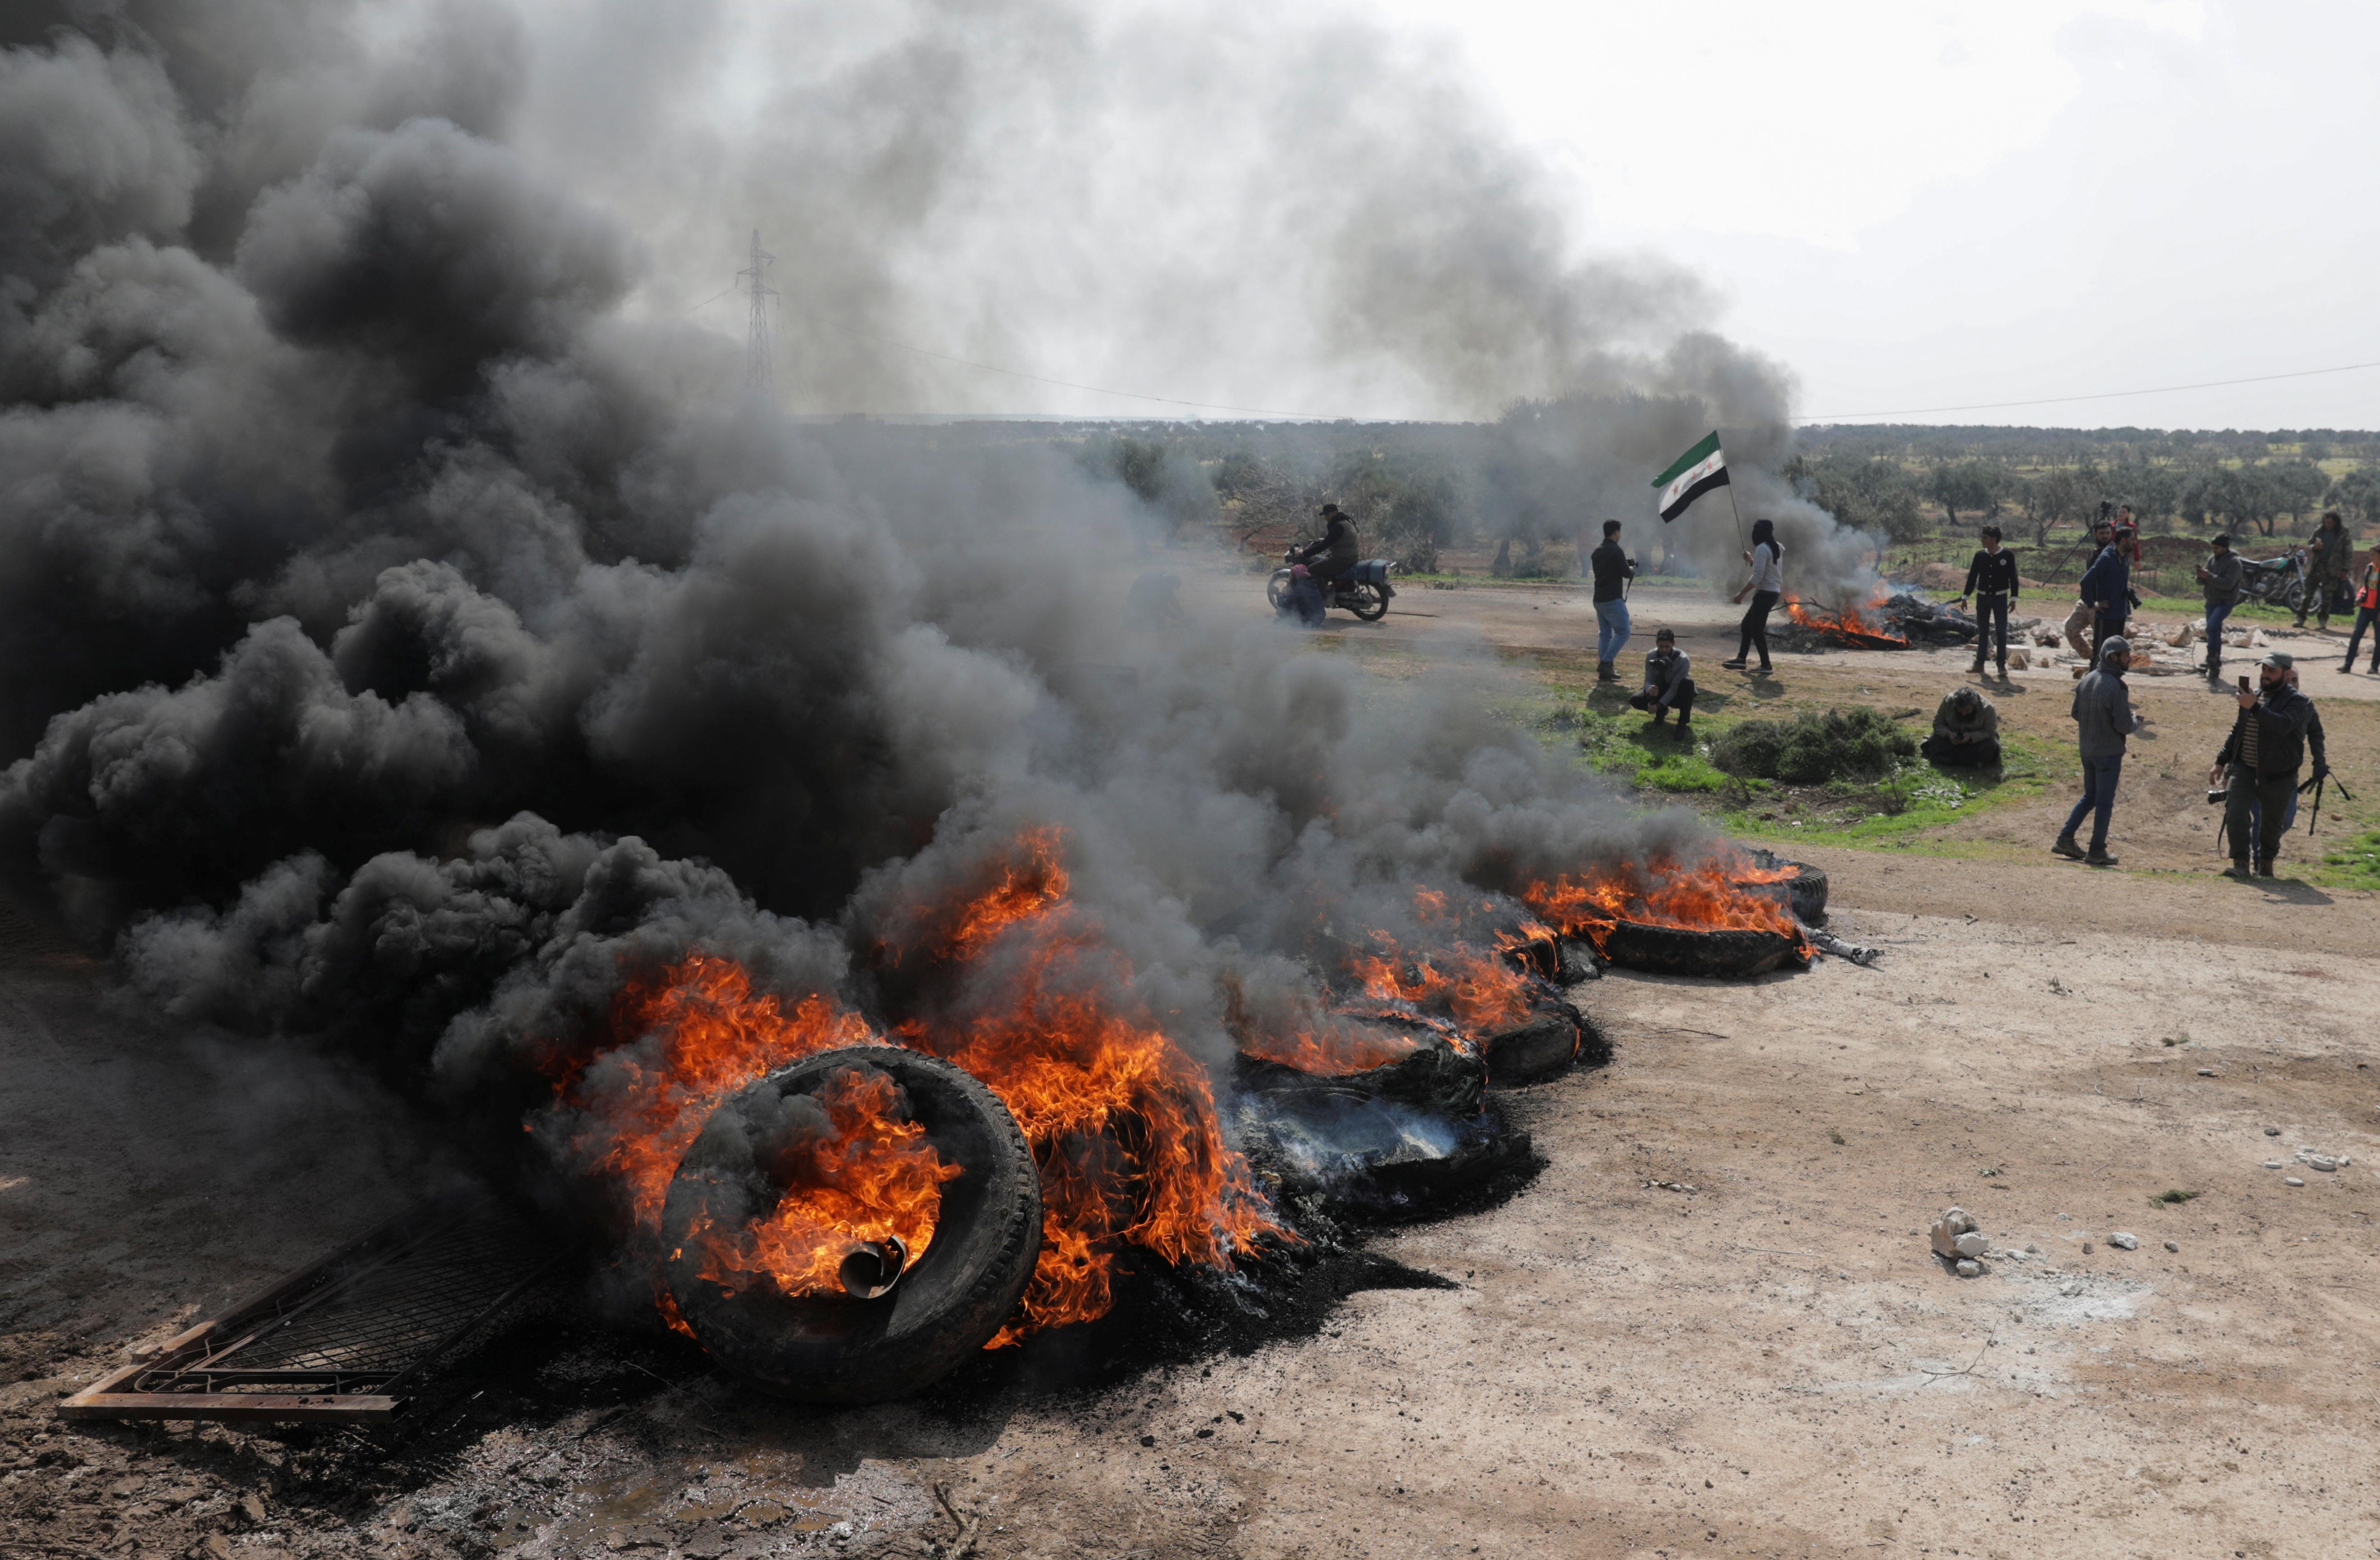 حرق إطارات خلال الاحتجاج على اتفاقية الدوريات الروسية والتركية المشتركة على الطريق السريع M4 في محافظة إدلب بسوريا